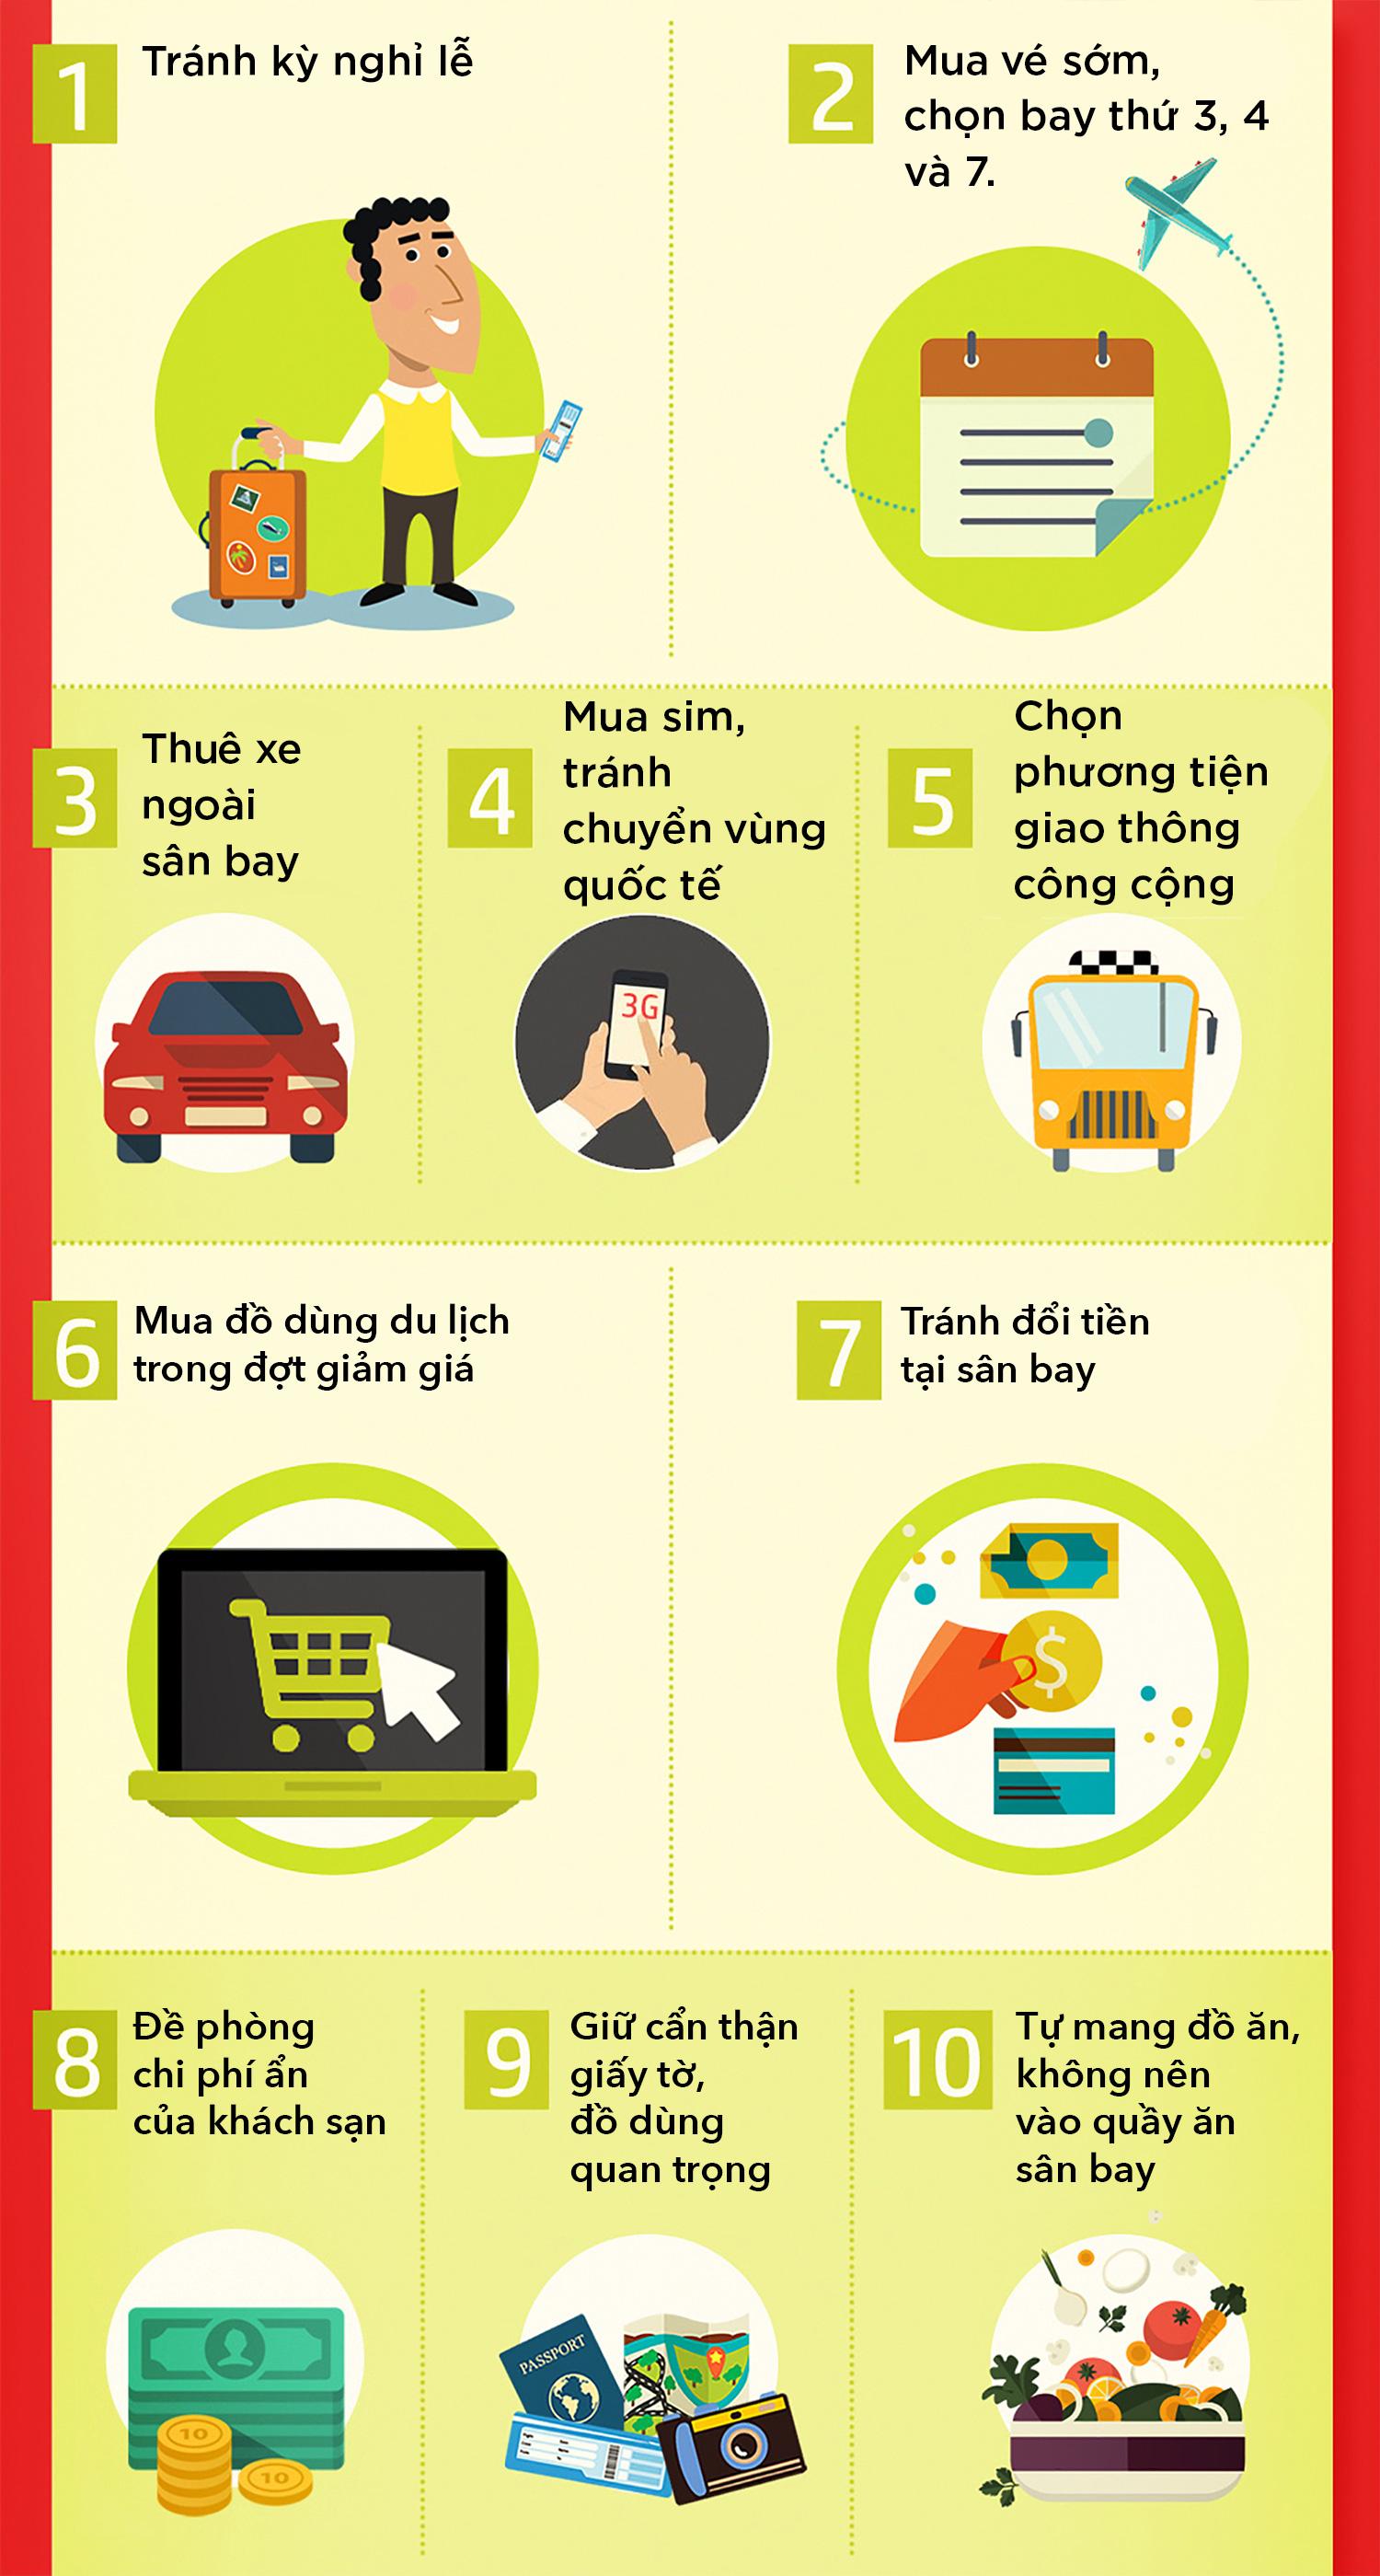 10 cách tiết kiệm tiền khi đi du lịch - Ảnh 1.